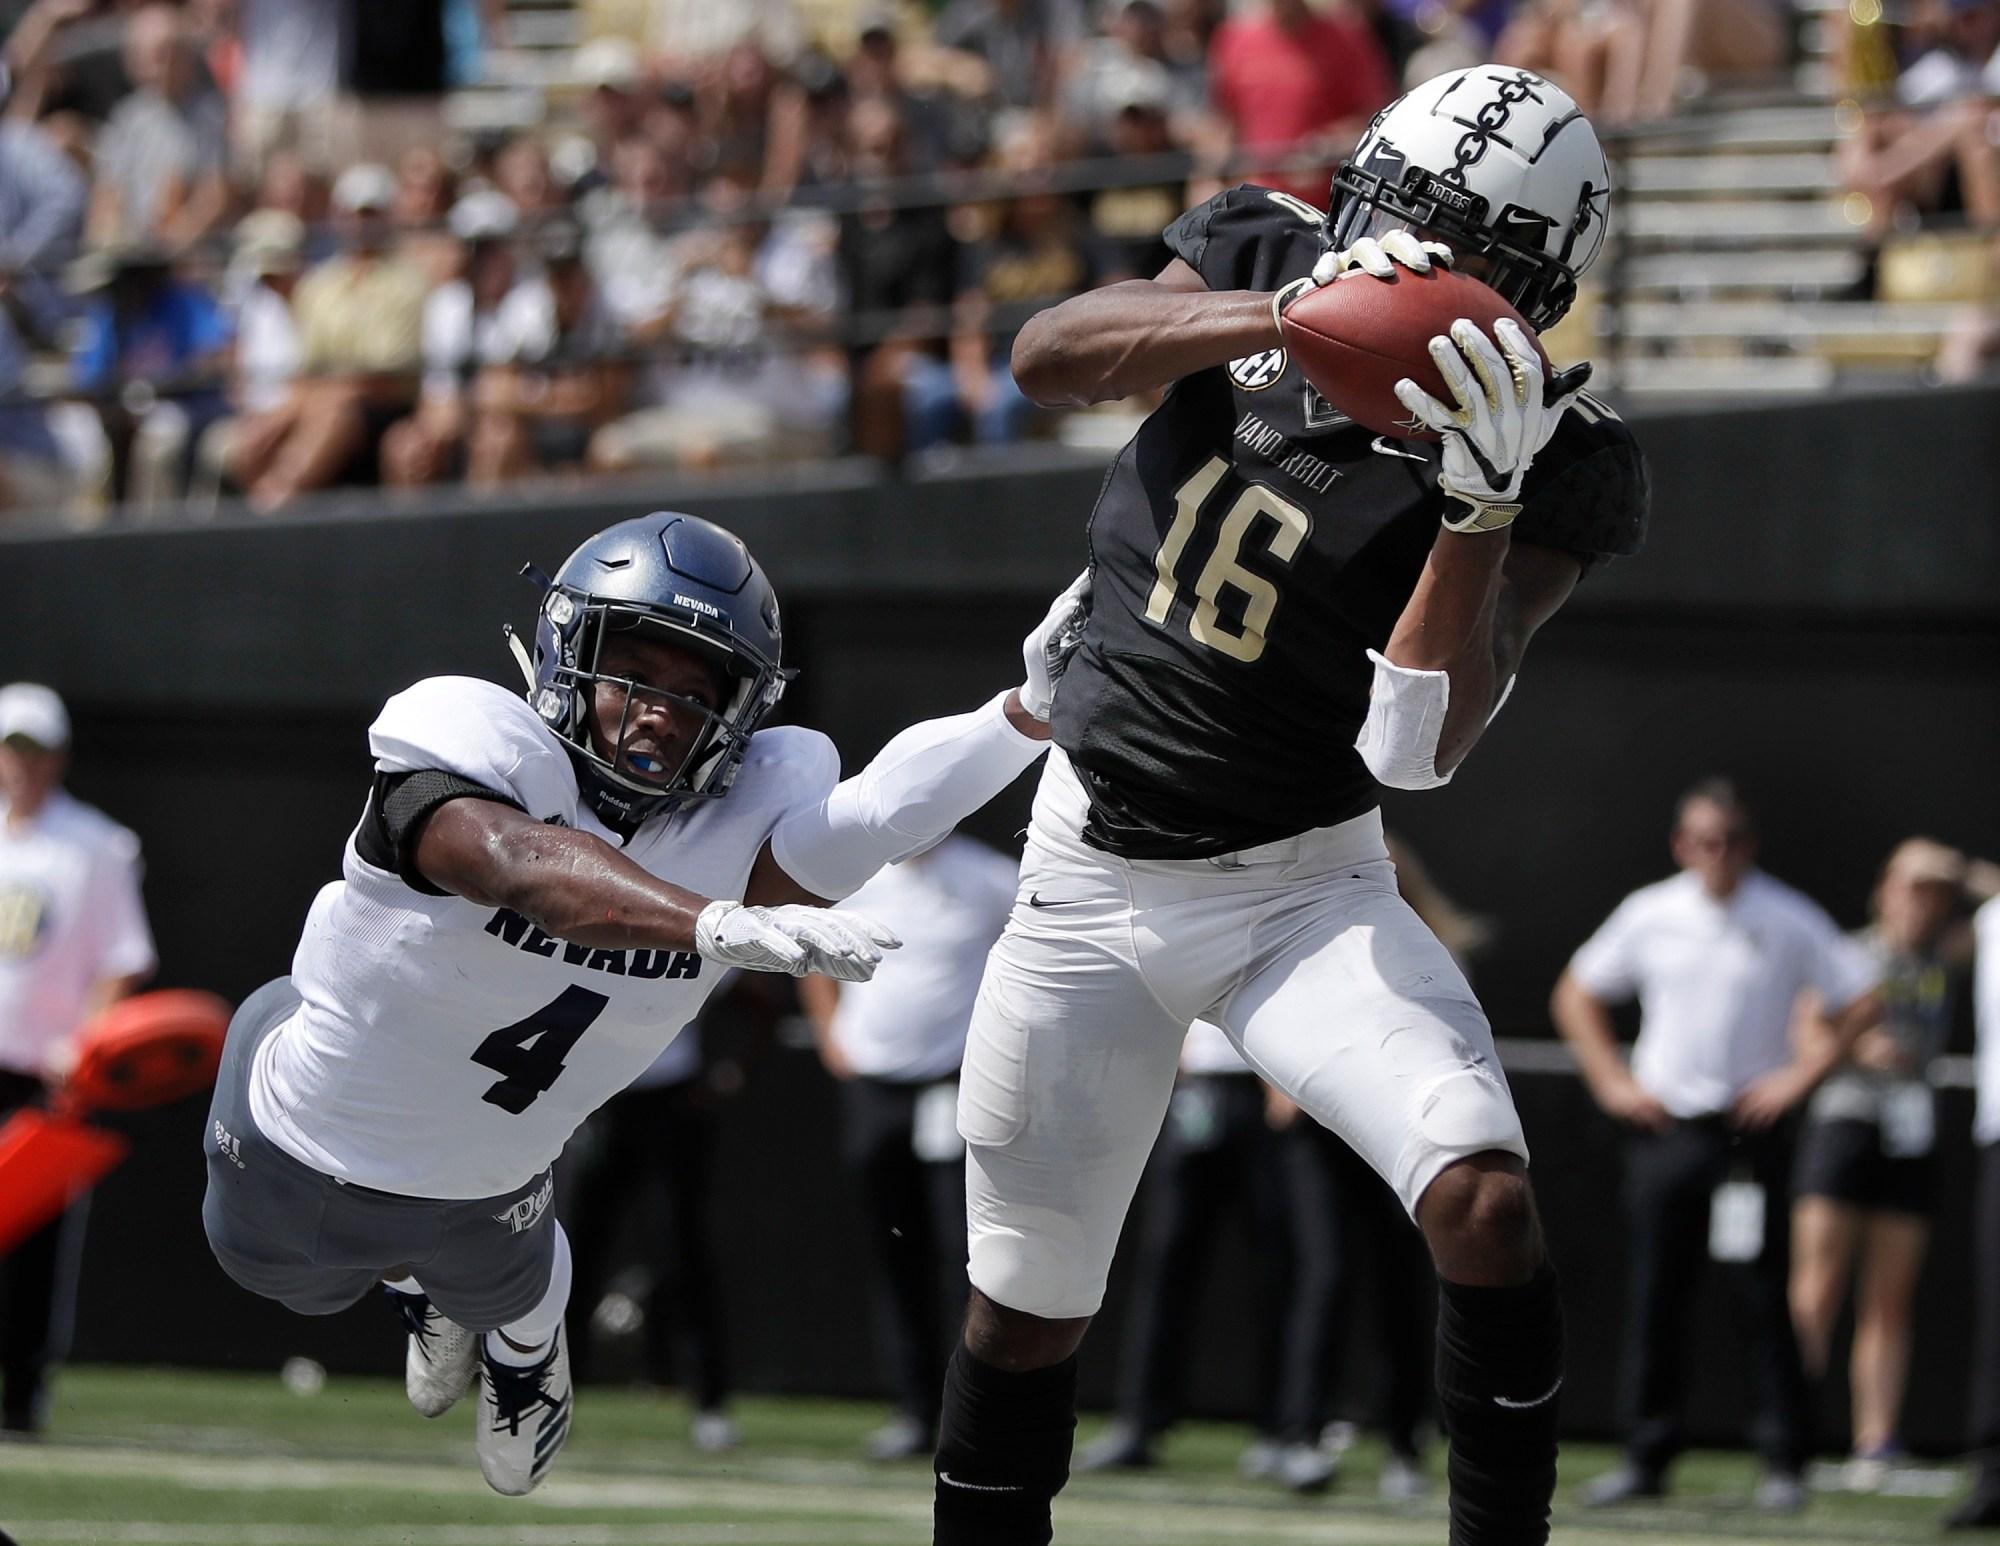 APTOPIX Nevada Vanderbilt Footballball_1536438775215